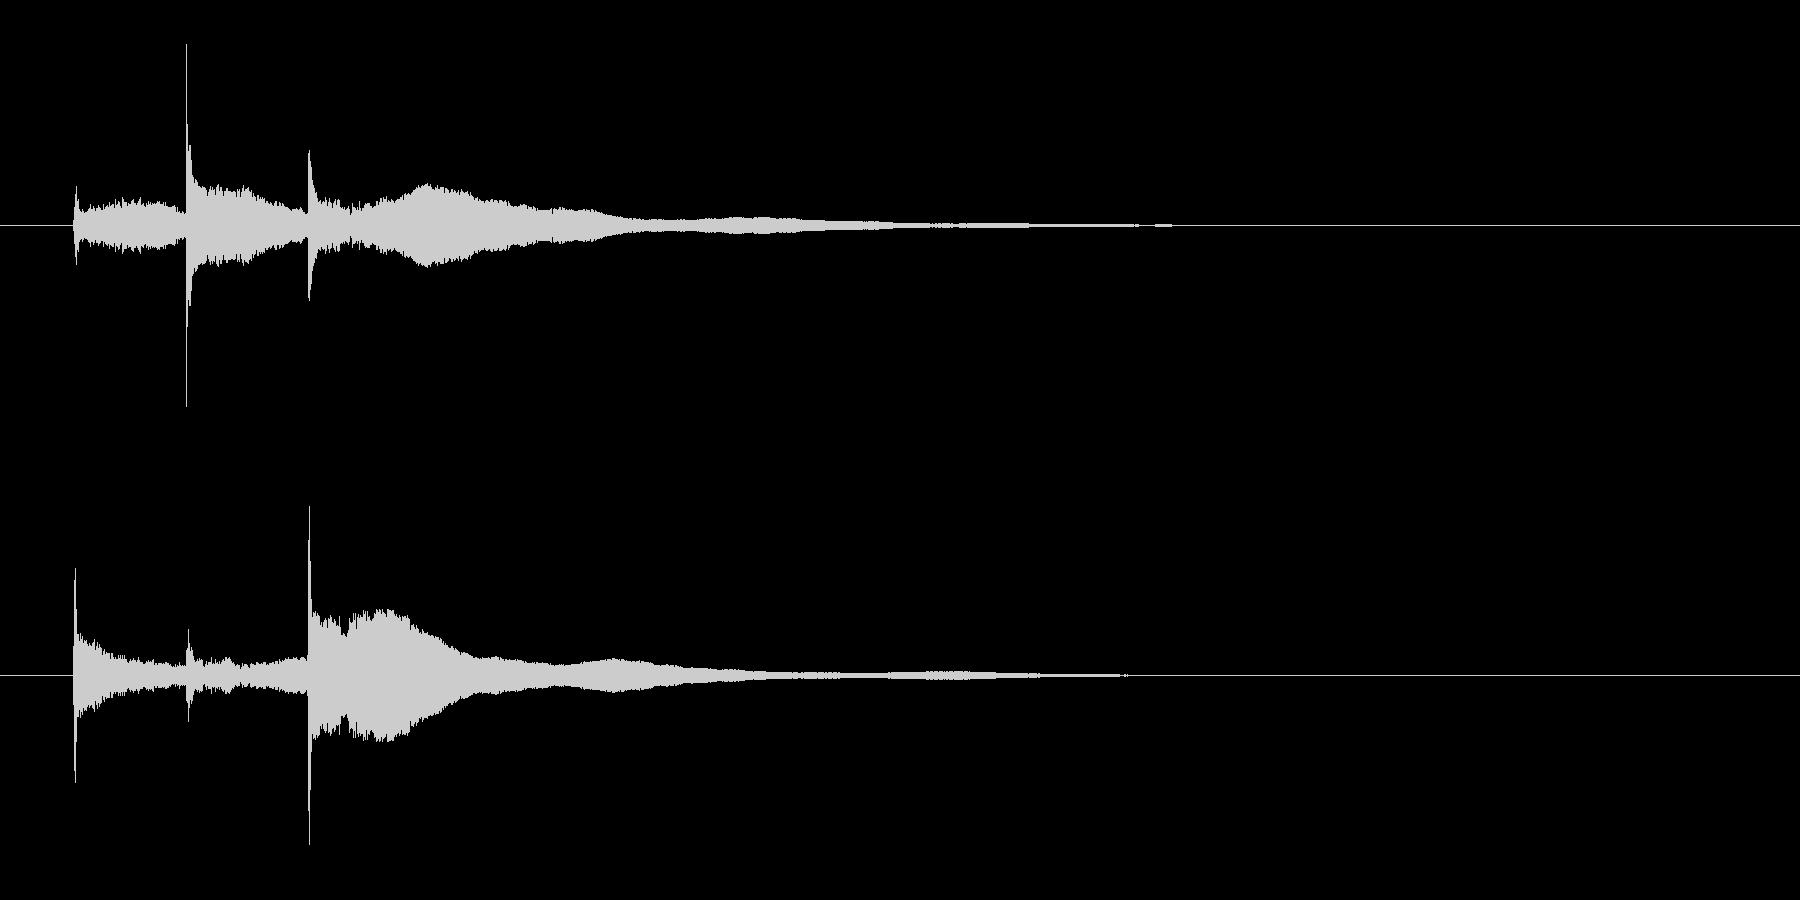 ピンポンパーン,エレキギターハーモニクスの未再生の波形